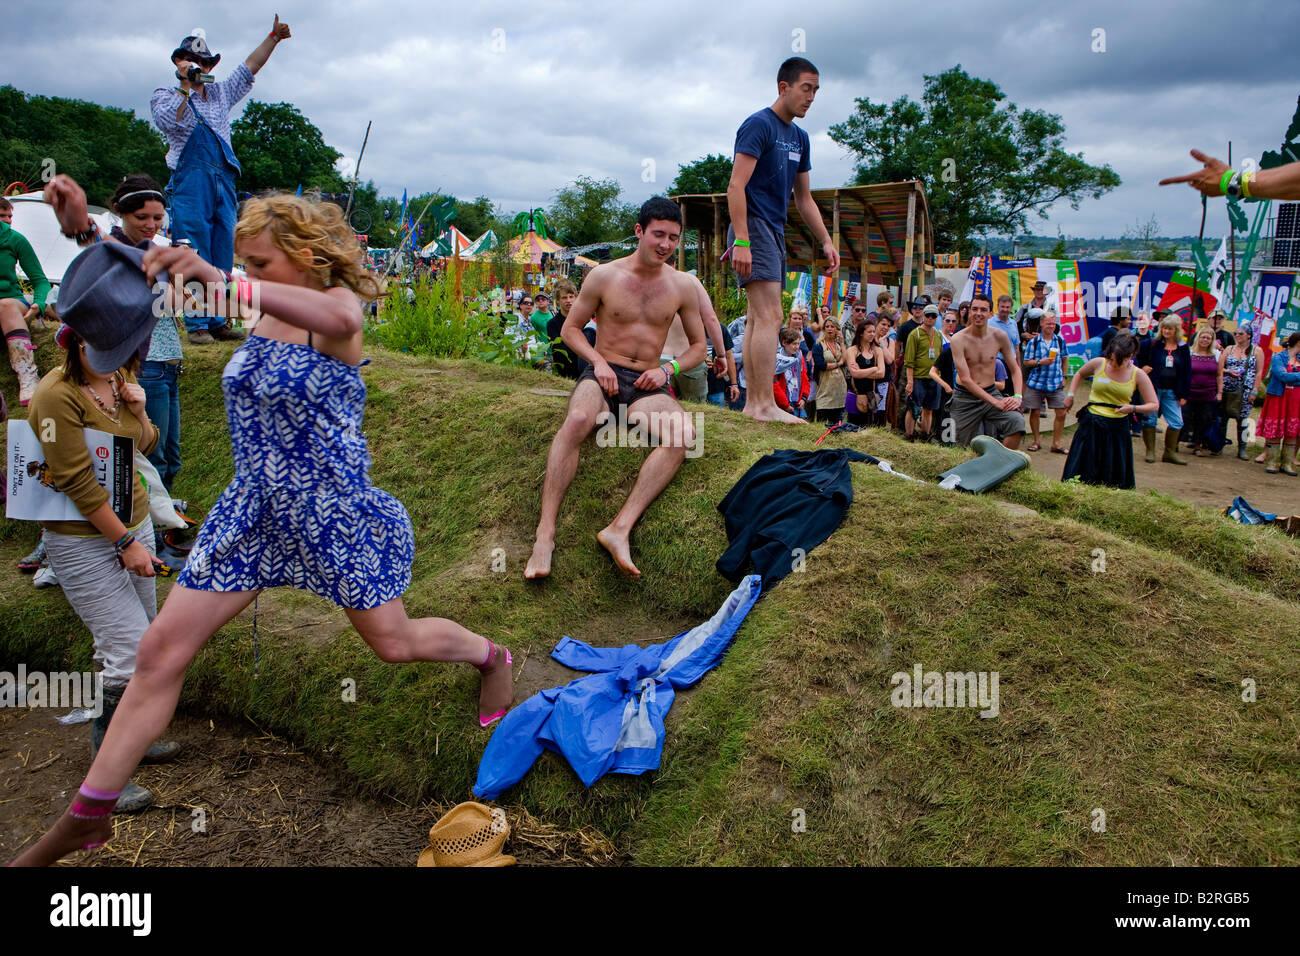 Festival de Música de Glastonbury 2008 Somerset, Reino Unido campo Greenpiece creando una identidad de grupo Imagen De Stock